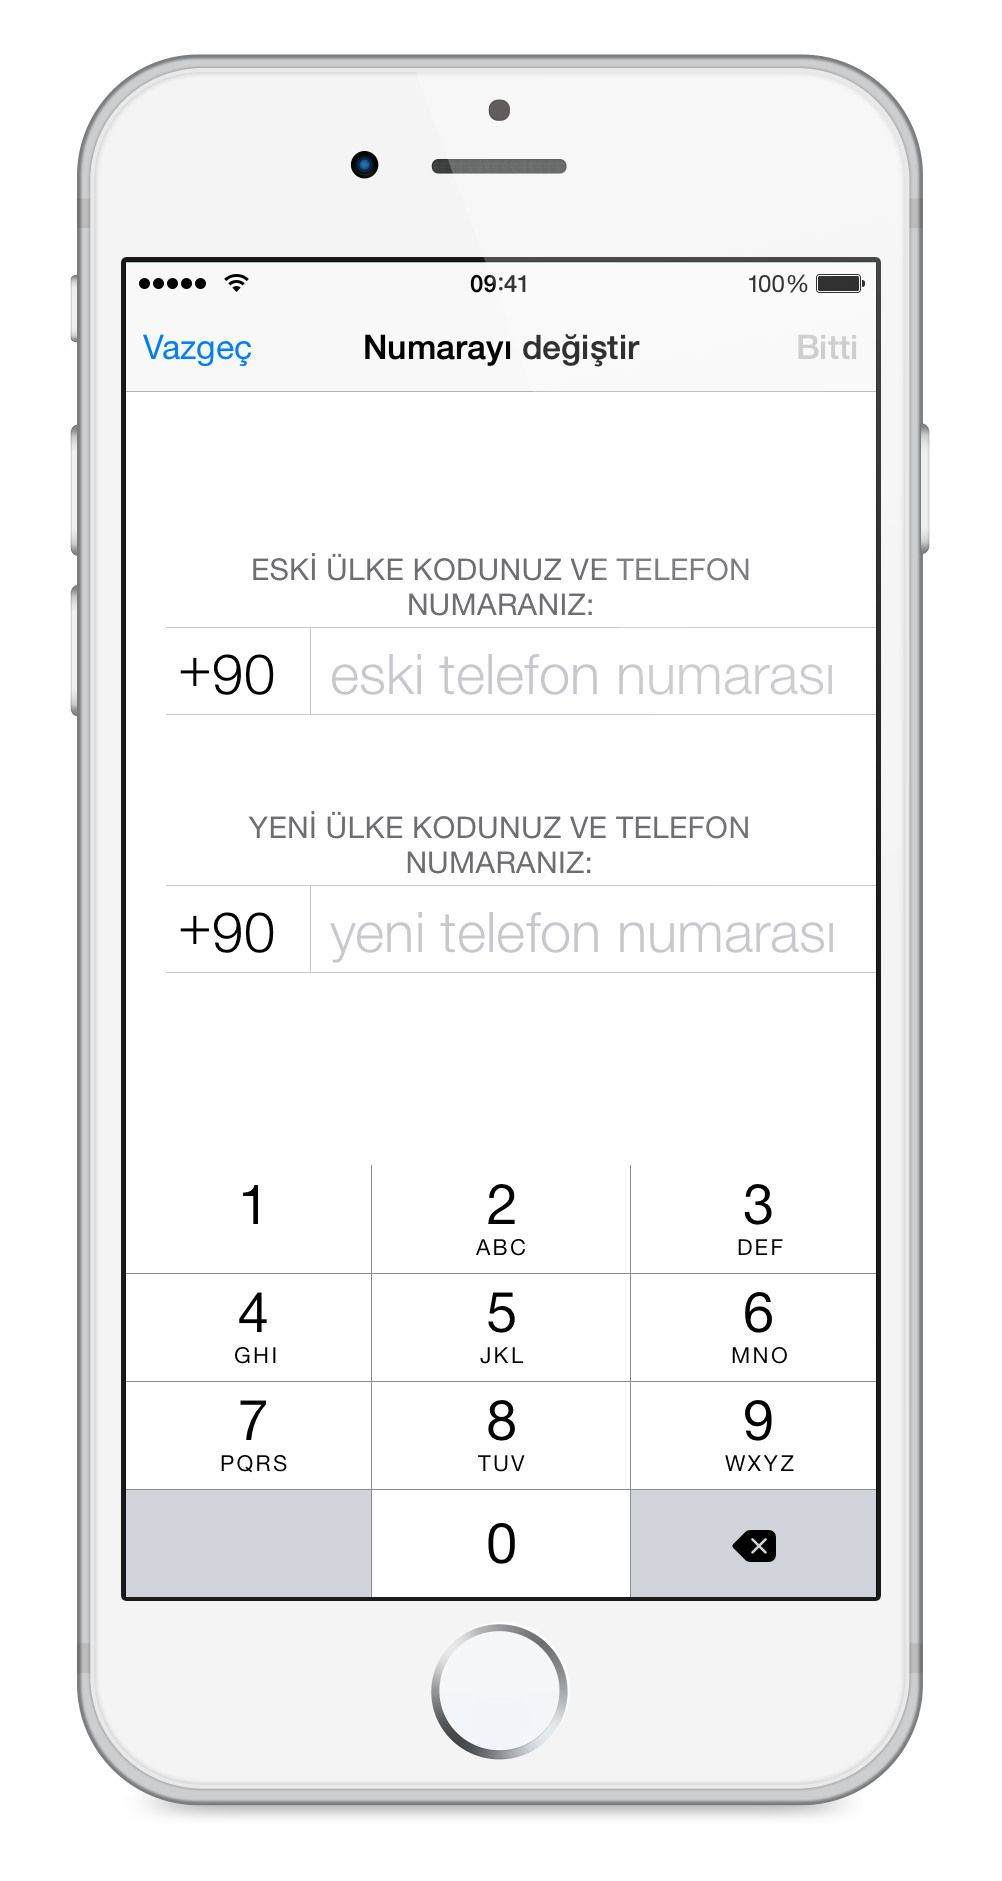 iPhone'umda WhatsApp Telefon Numaramı Nasıl Değiştirebilirim-2